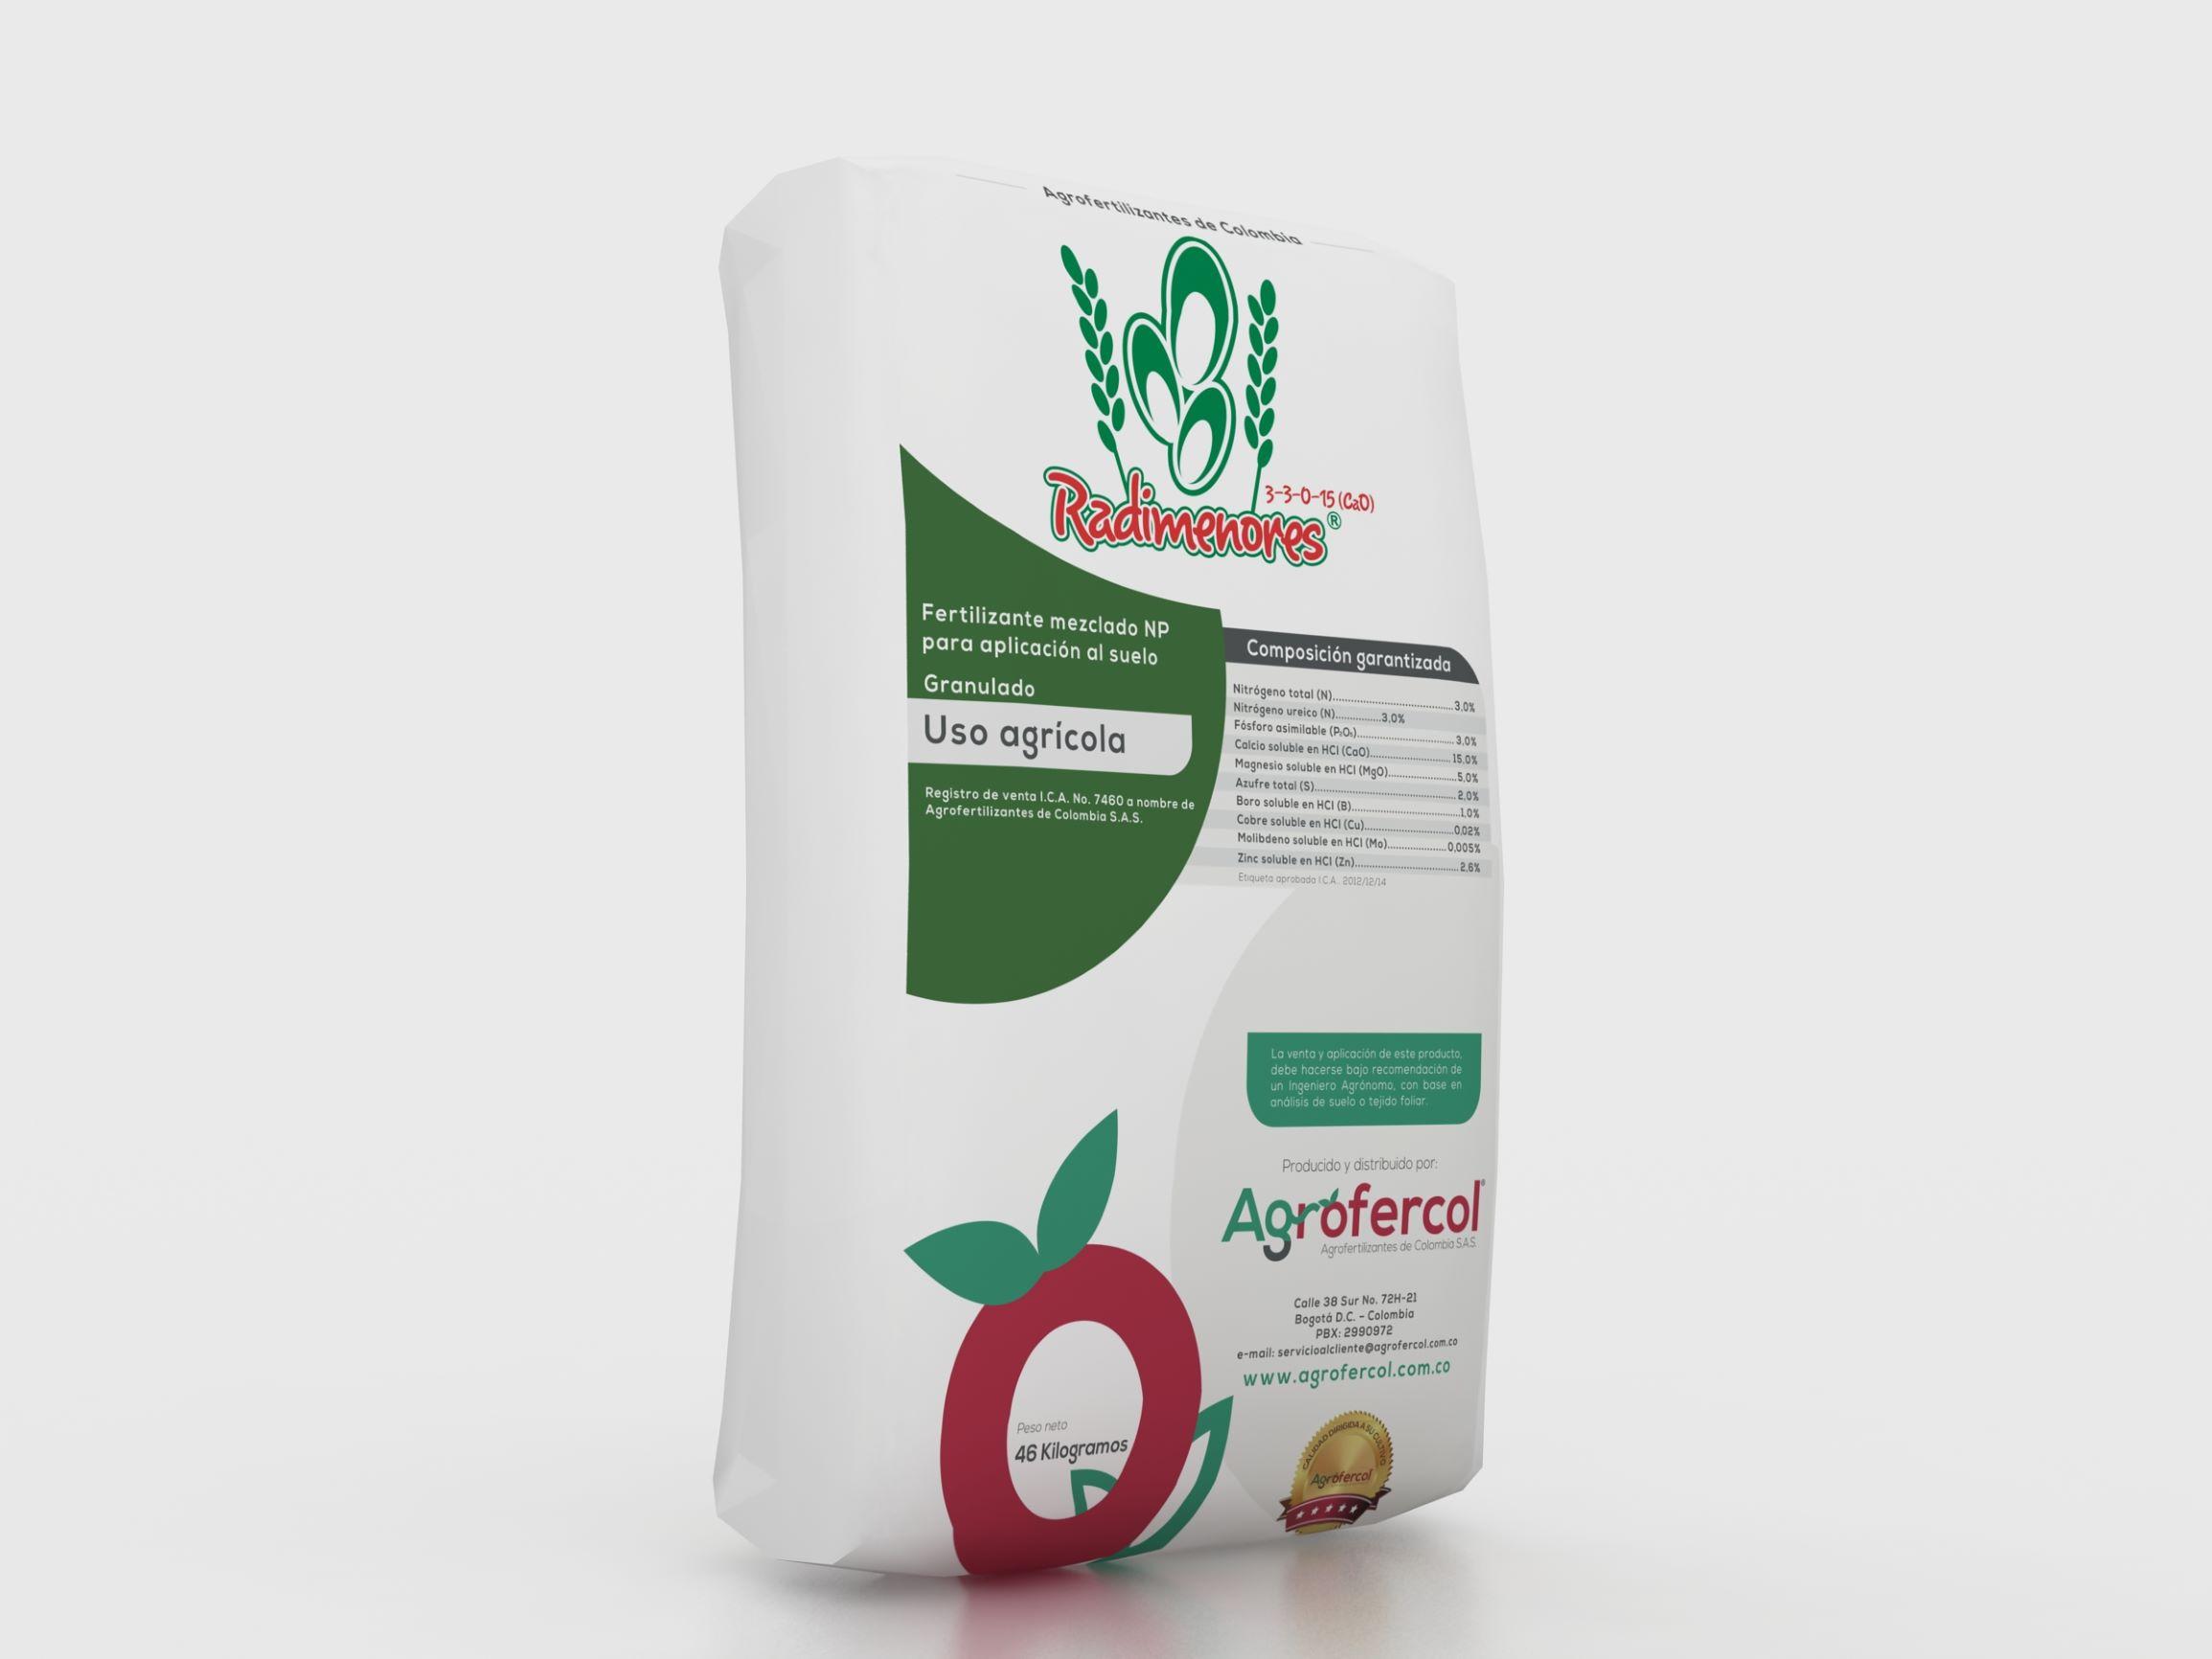 Fertilizante-Mezclado-Agrofercol-RADIOMENORES.jpg